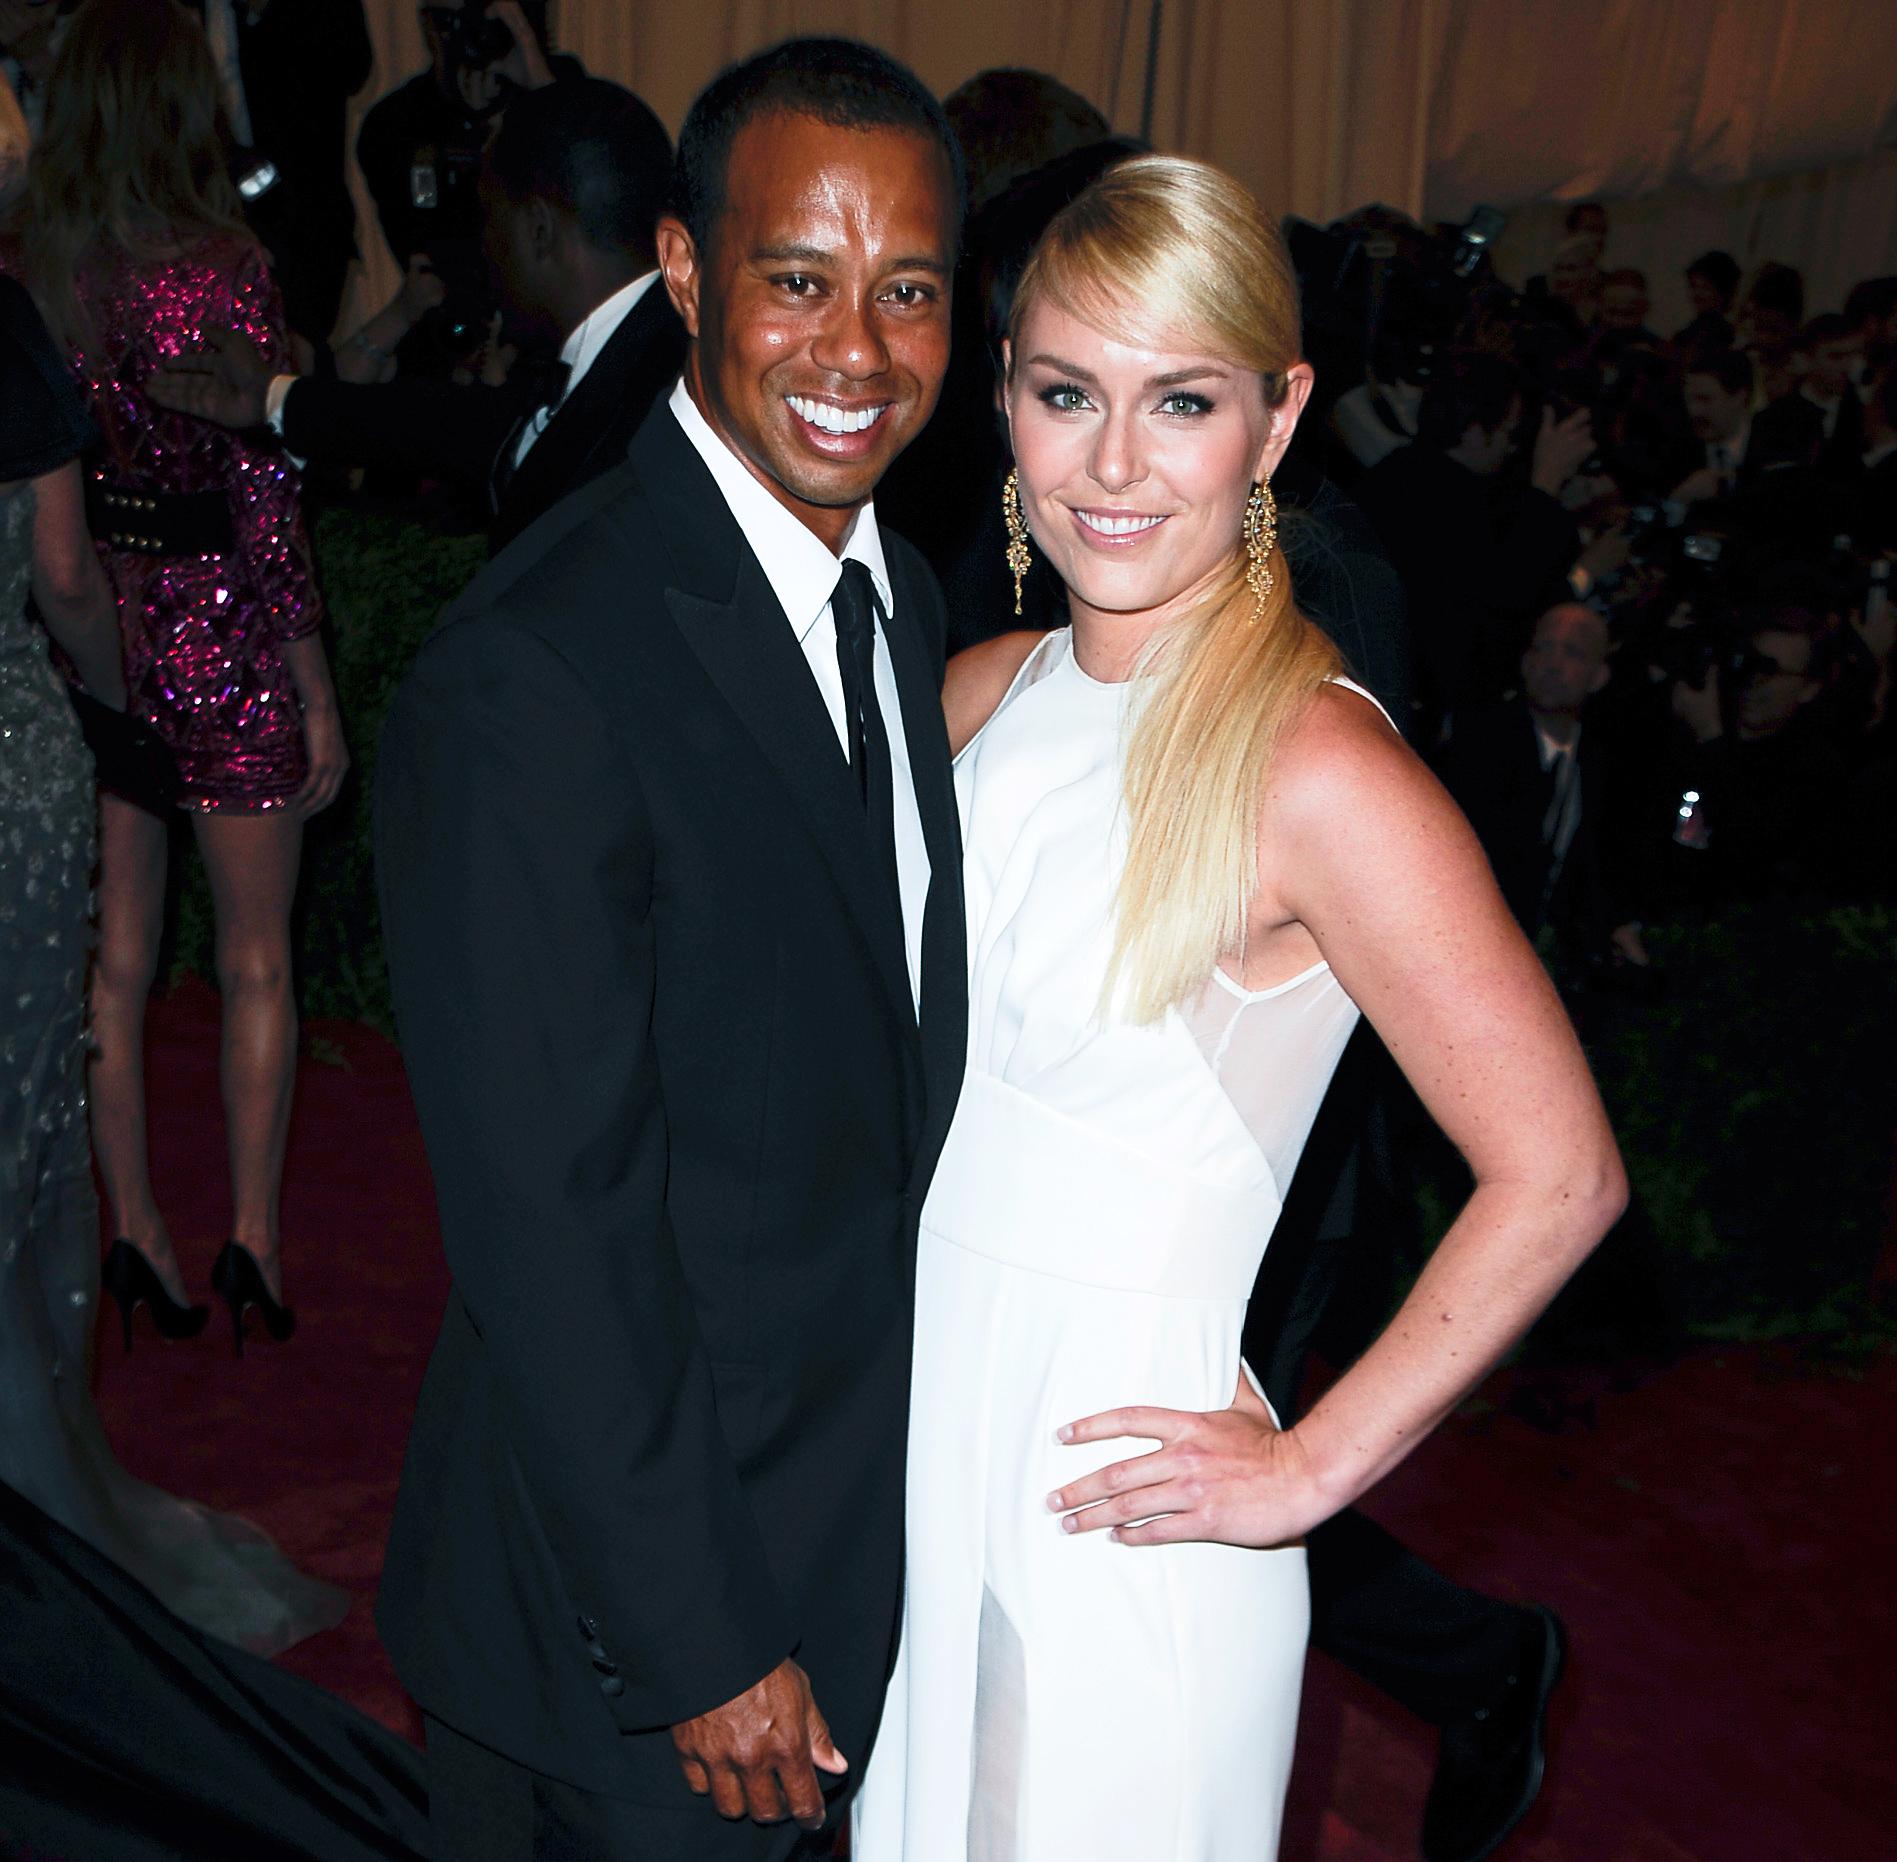 Lindsey vonn dating tiger